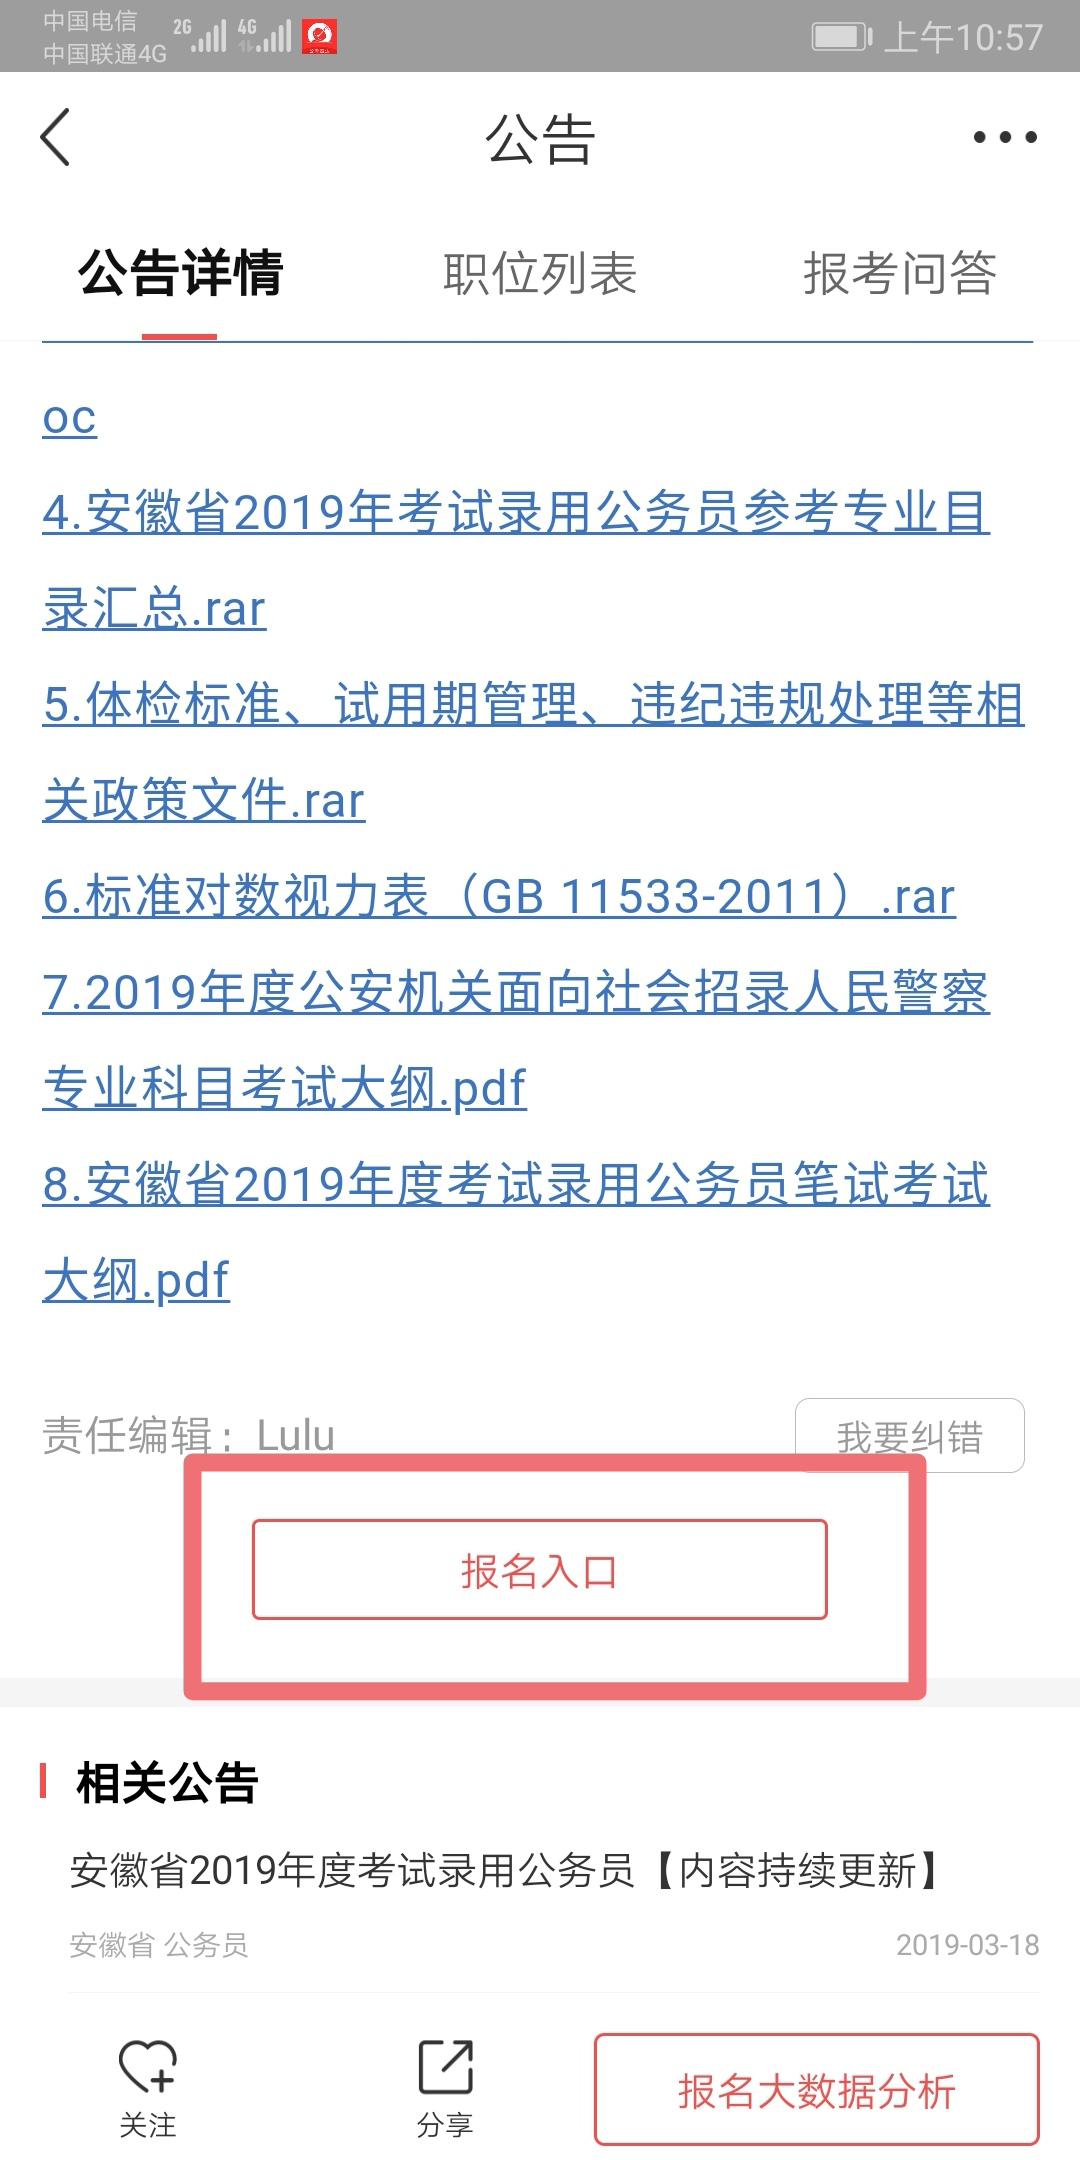 公考雷达APP公务员考试报名入口.jpg